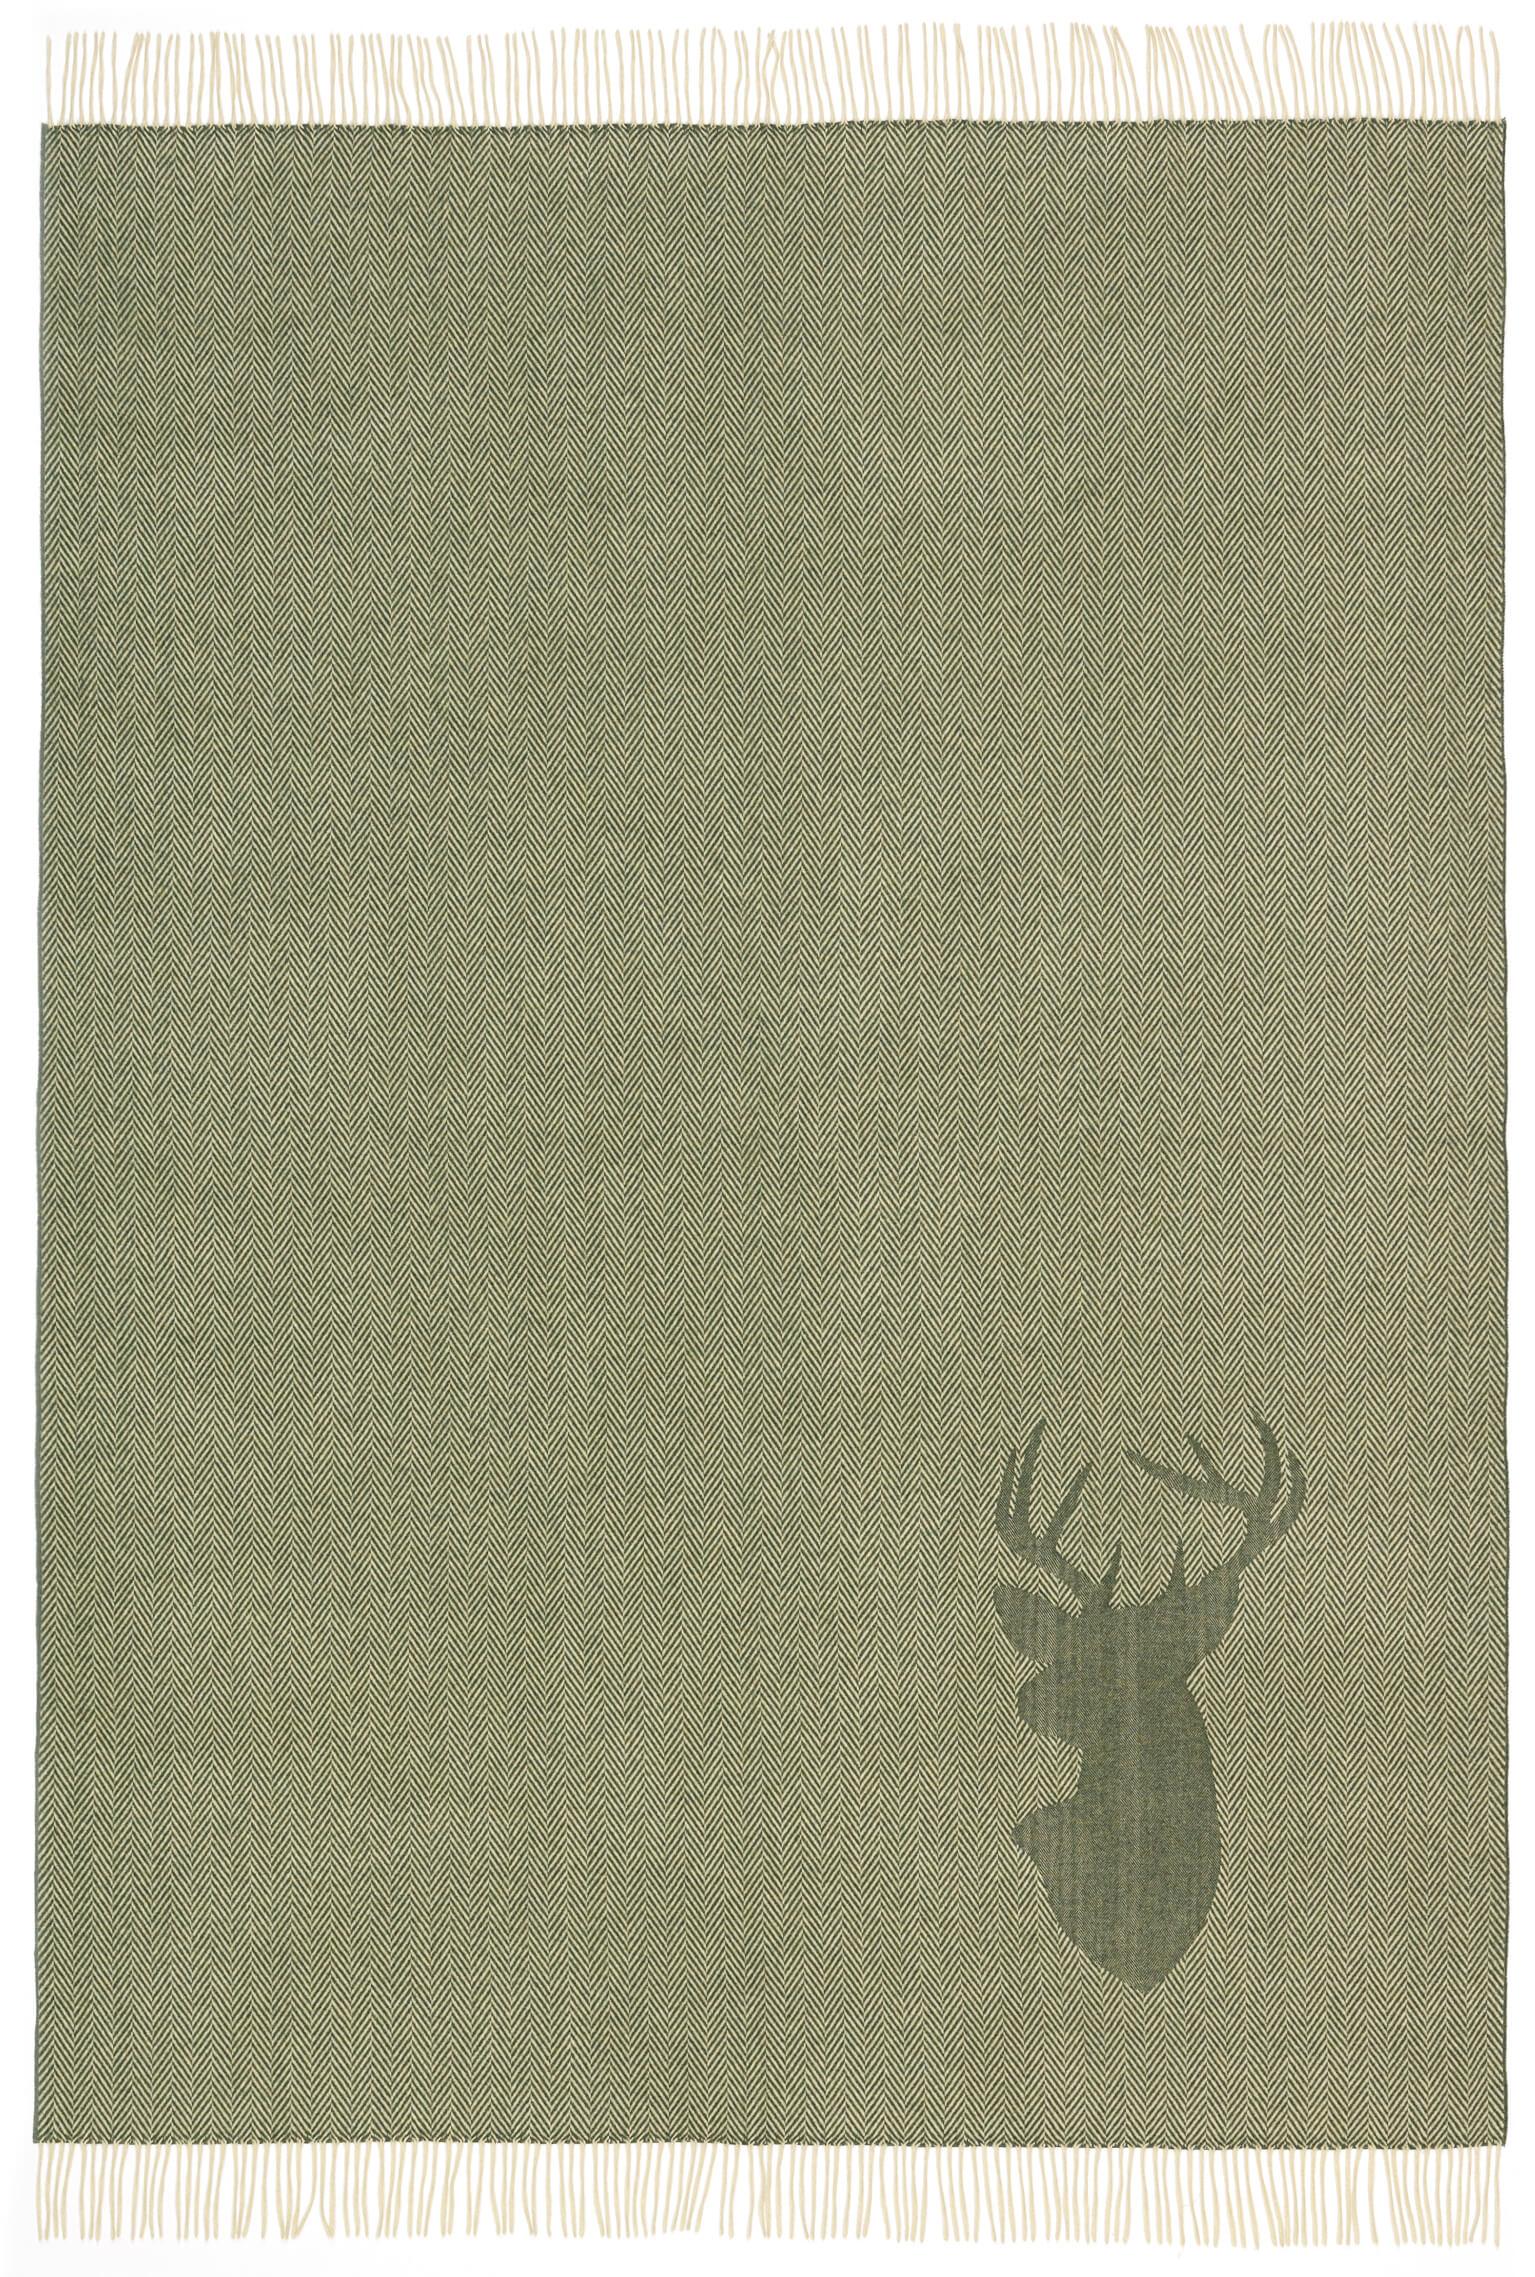 Bild von Hubertus101, Variante oliv